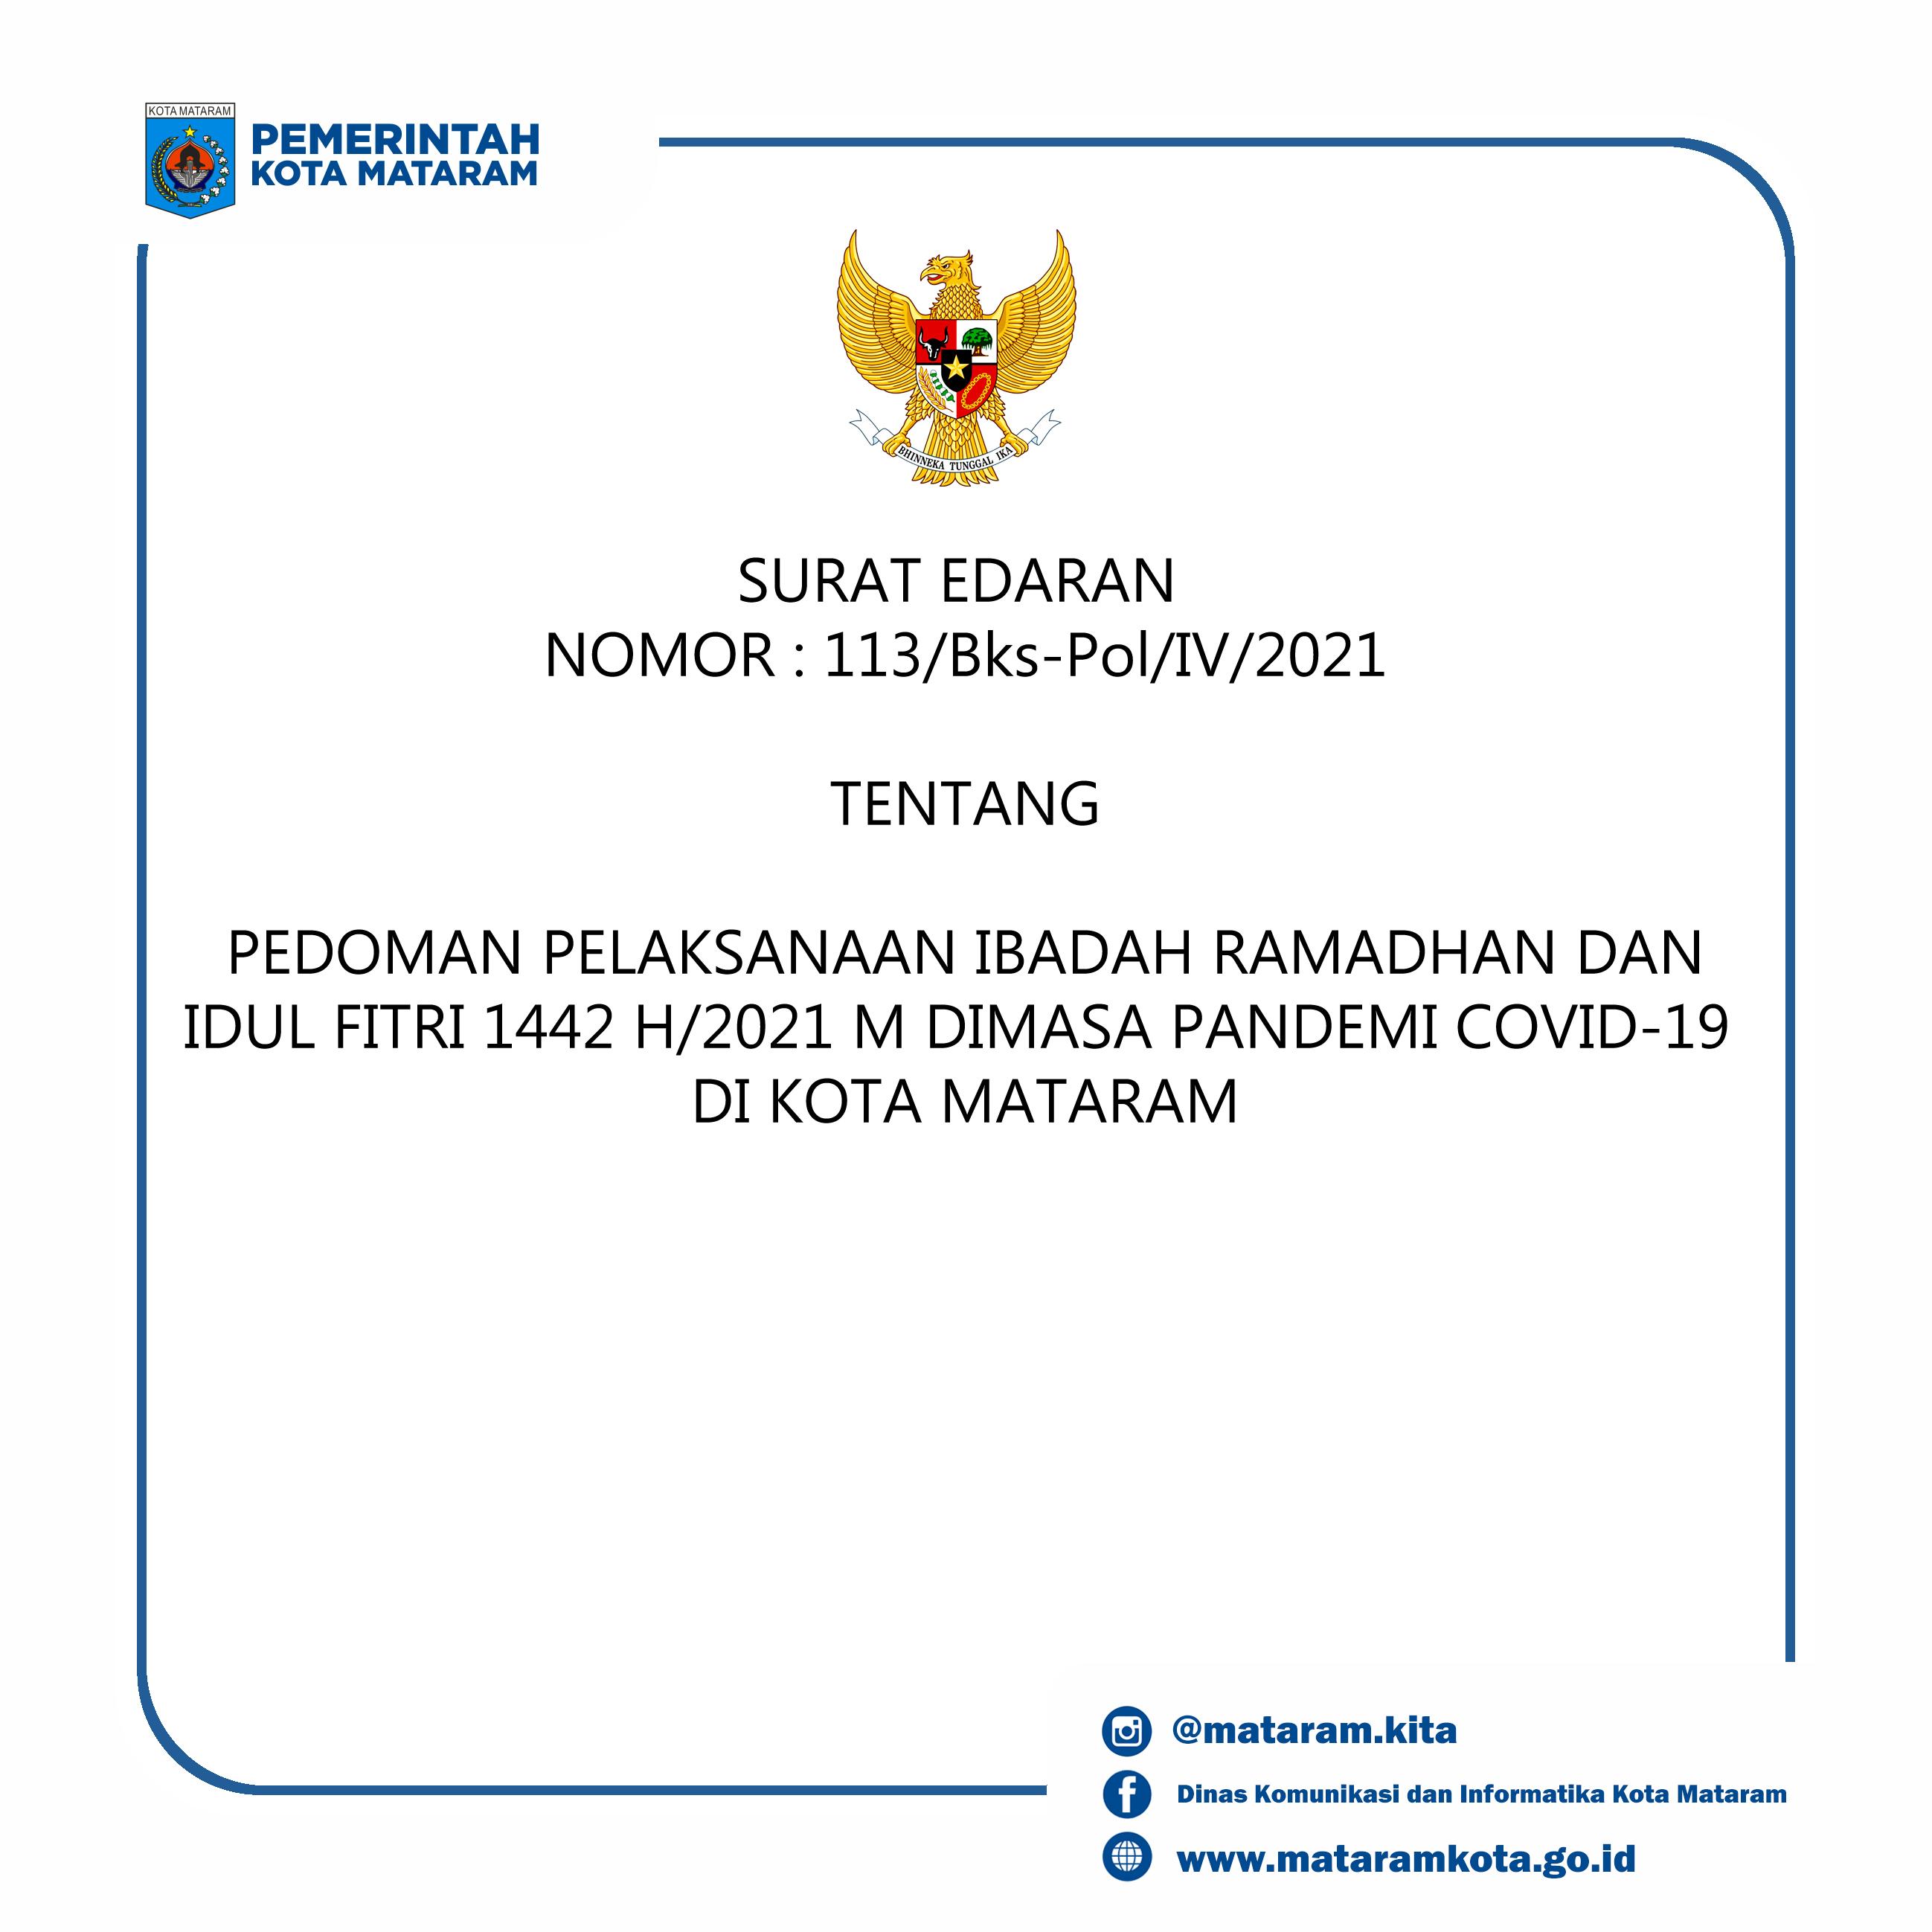 Surat Edaran Pedoman Pelaksanaan Ibadah Bulan Ramadhan dan Idul Fitri 1442 H Di Kota Mataram